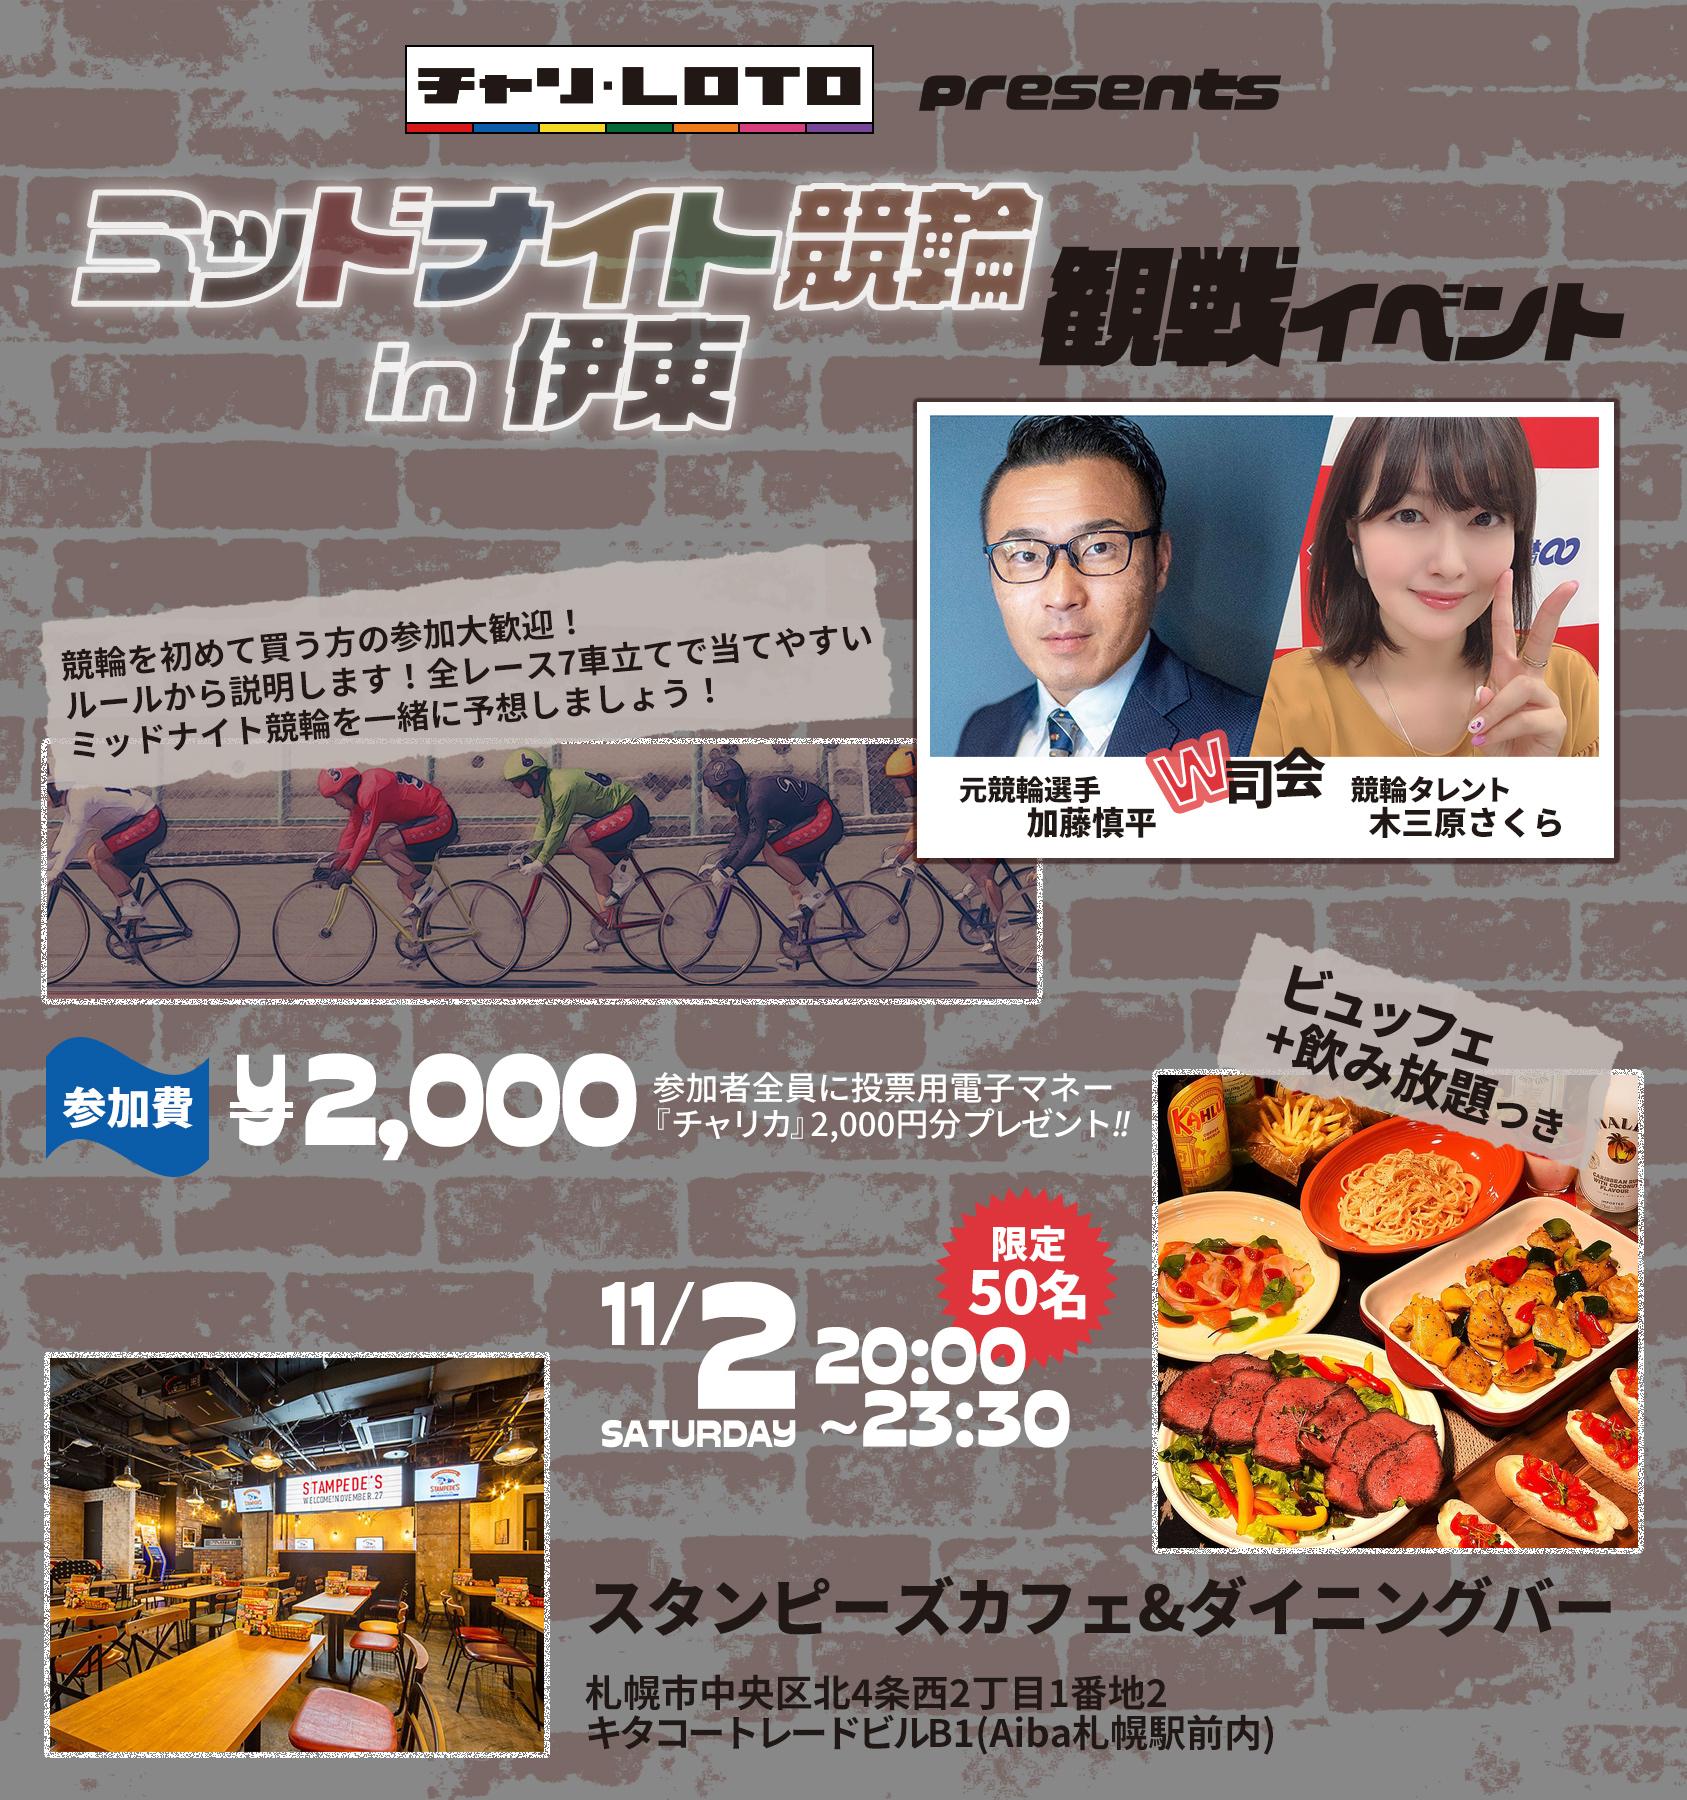 ミッドナイト競輪in伊東観戦イベント